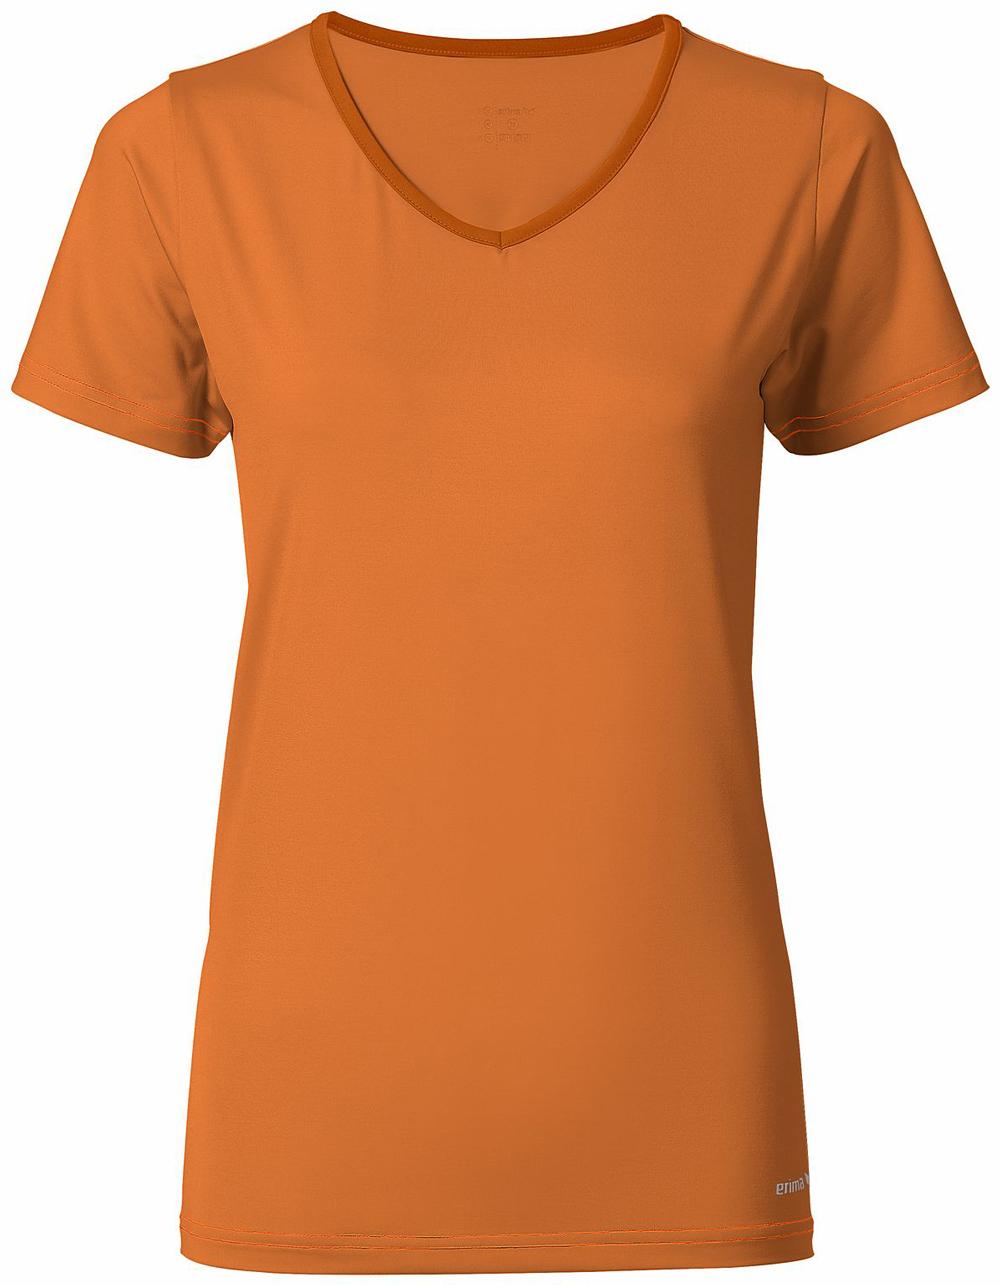 Multifunktionales Damen T-shirt, orange pop/solaire, 40